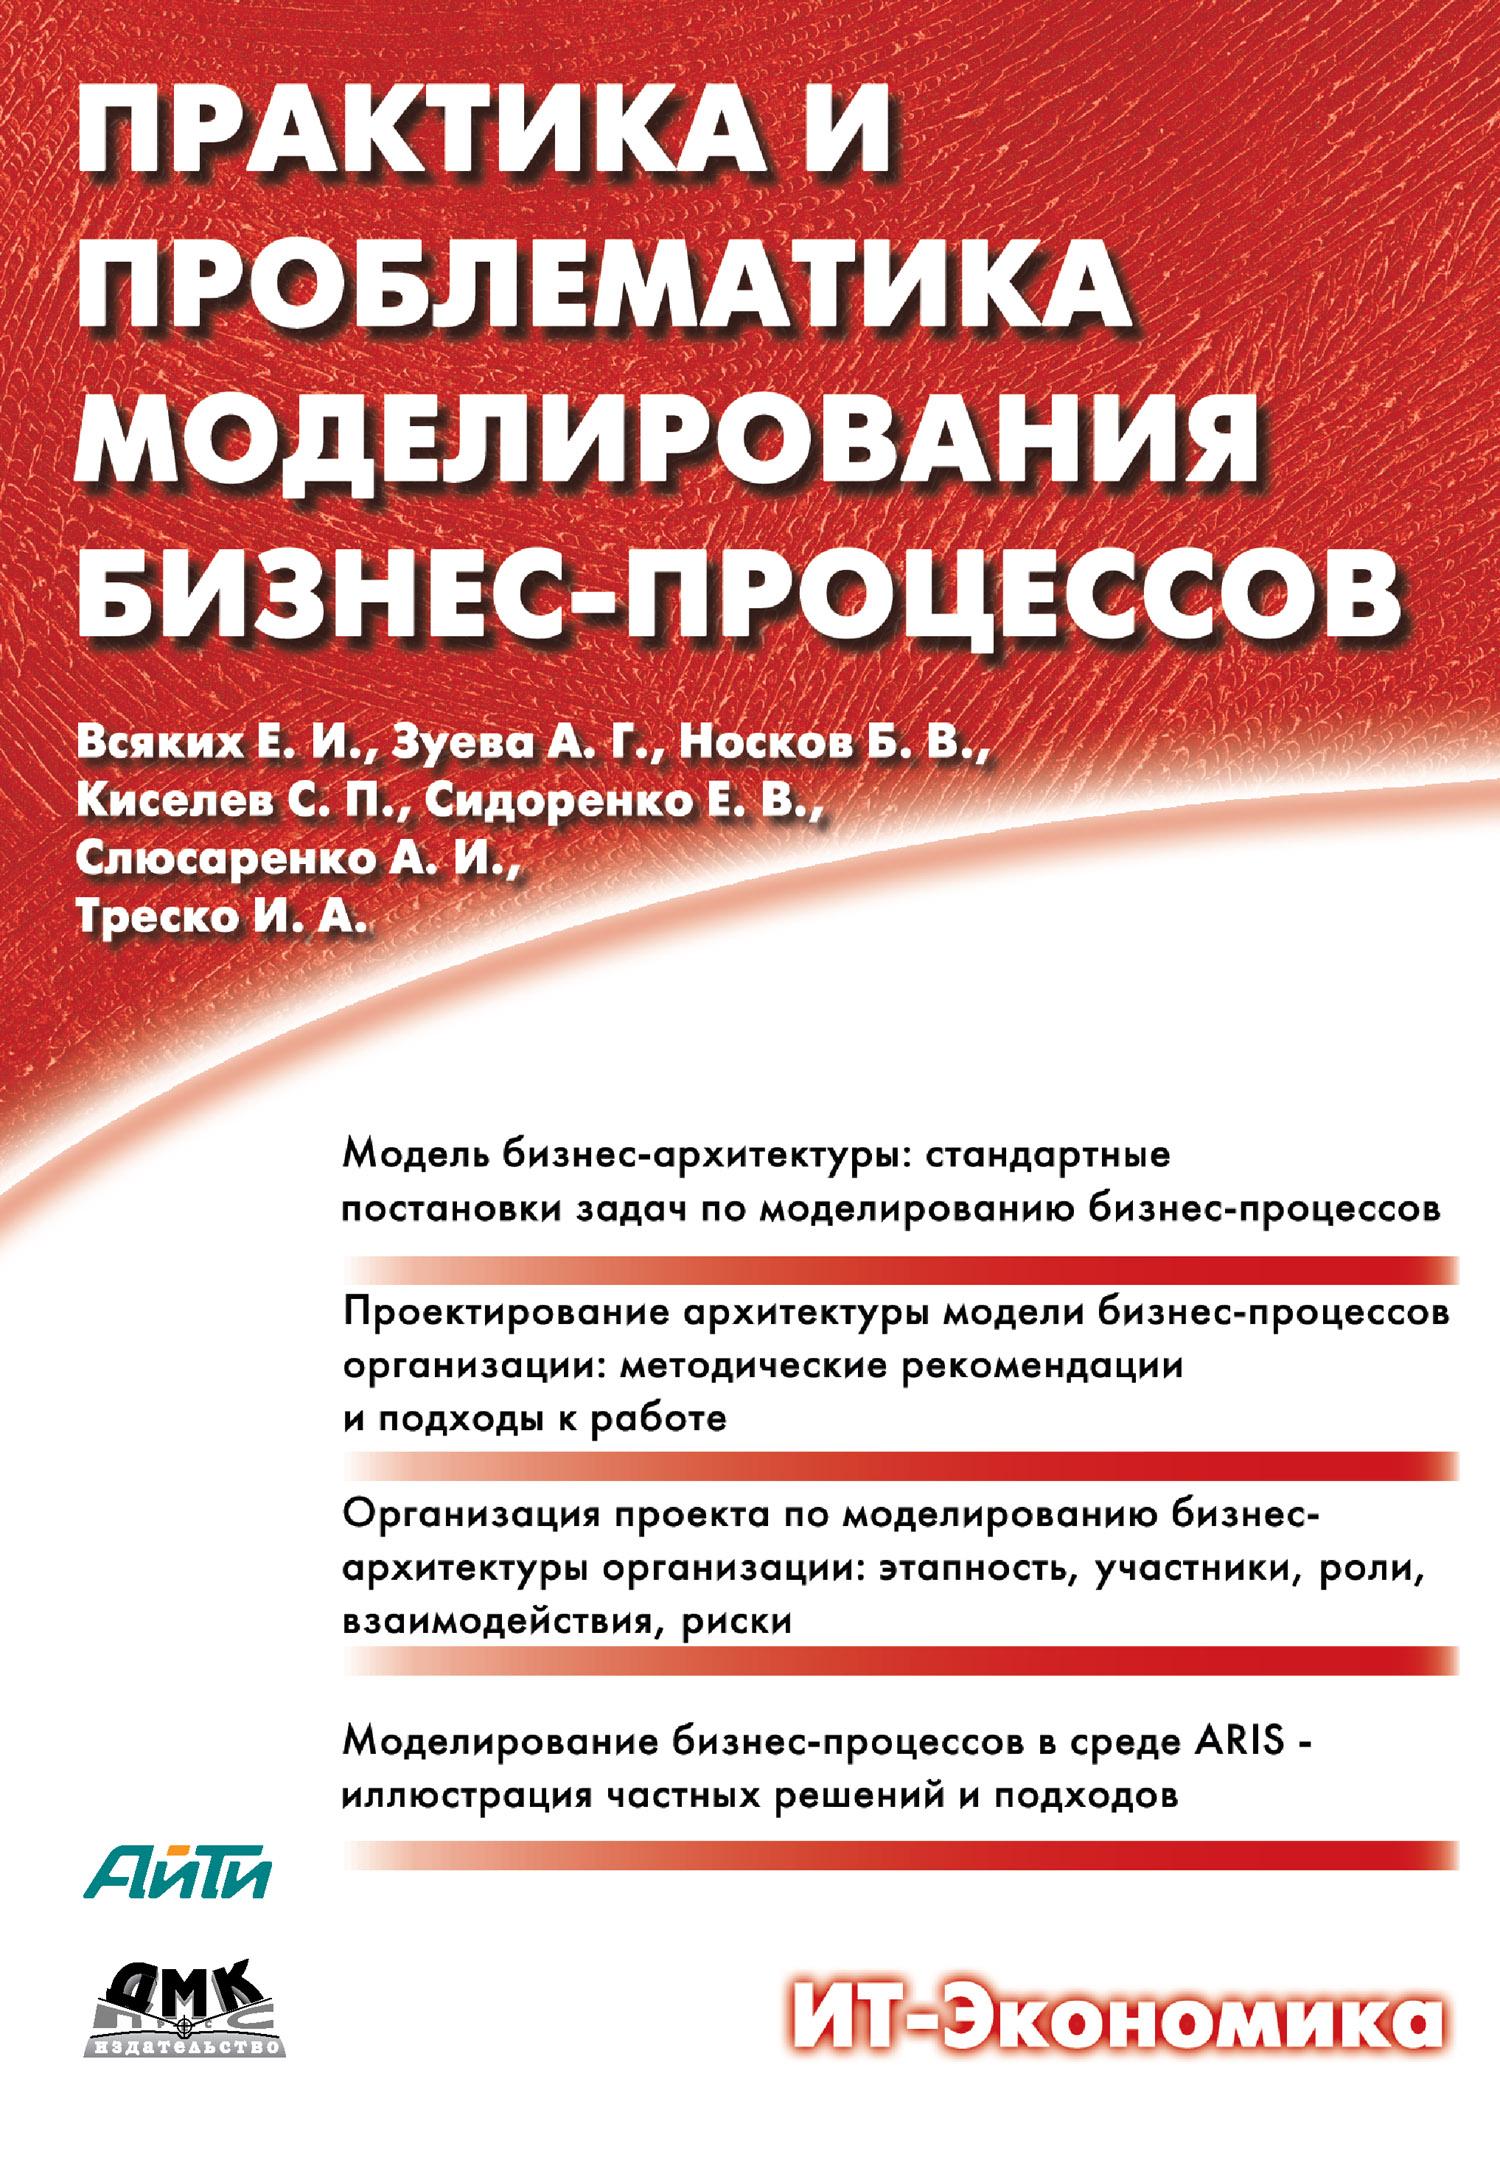 фото обложки издания Практика и проблематика моделирования бизнес-процессов